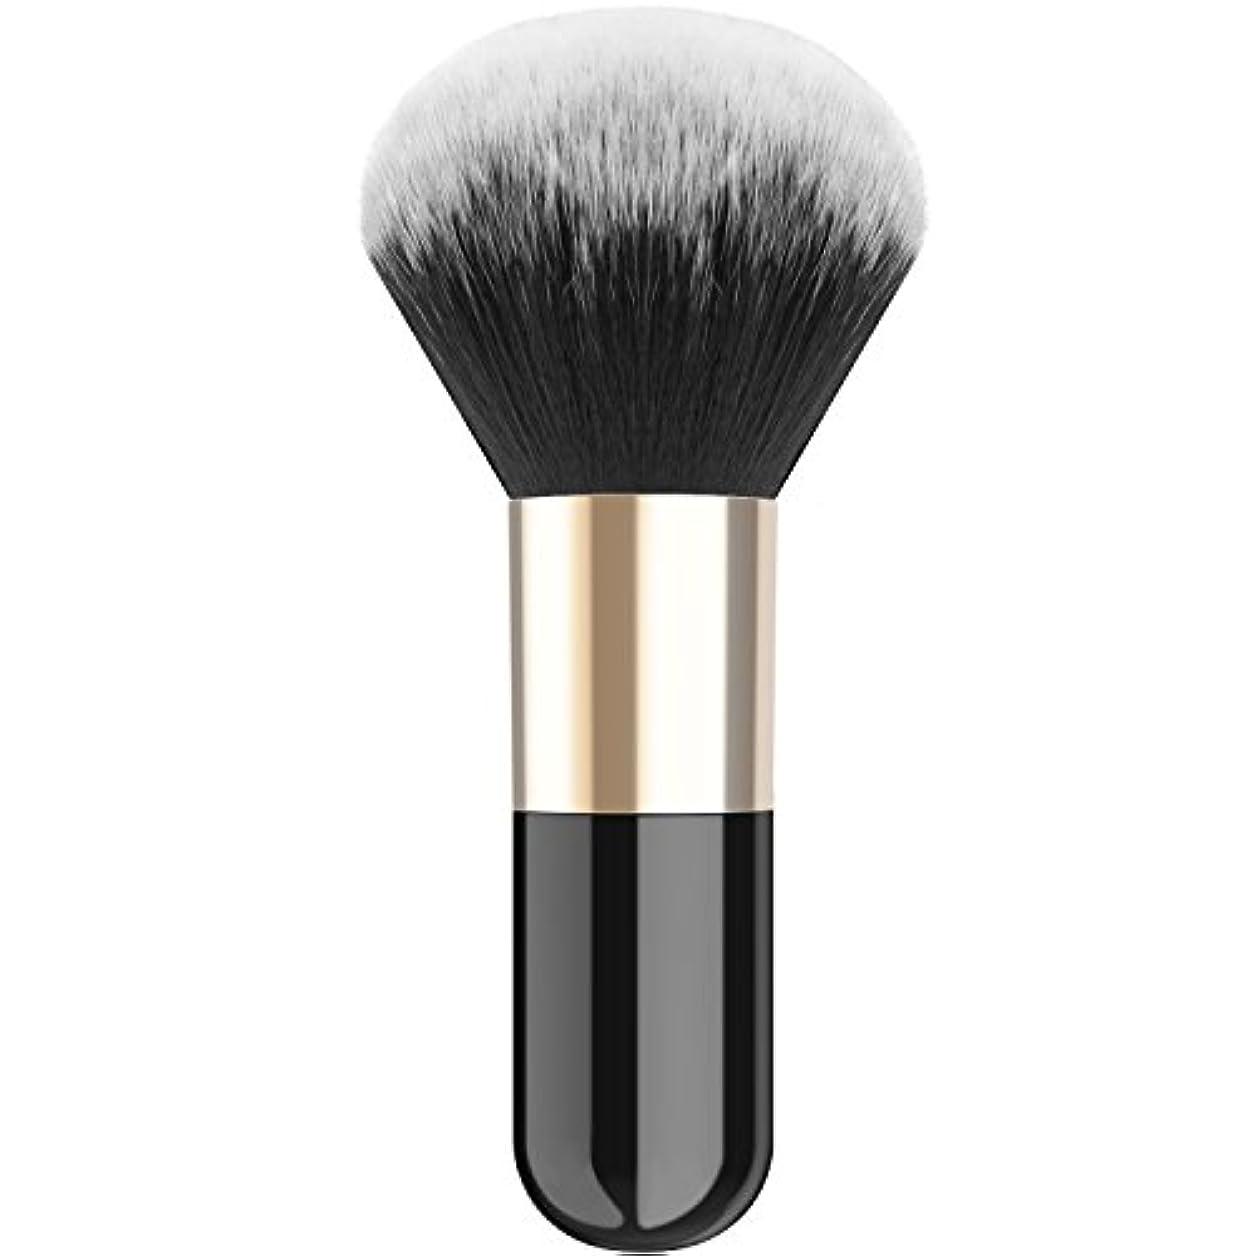 優れたと遊ぶ意外ファンデーションブラシ - Luxspire メイクブラシ 化粧筆 コスメブラシ 繊細な人工毛 毛質やわらかい 肌に優しい - Black